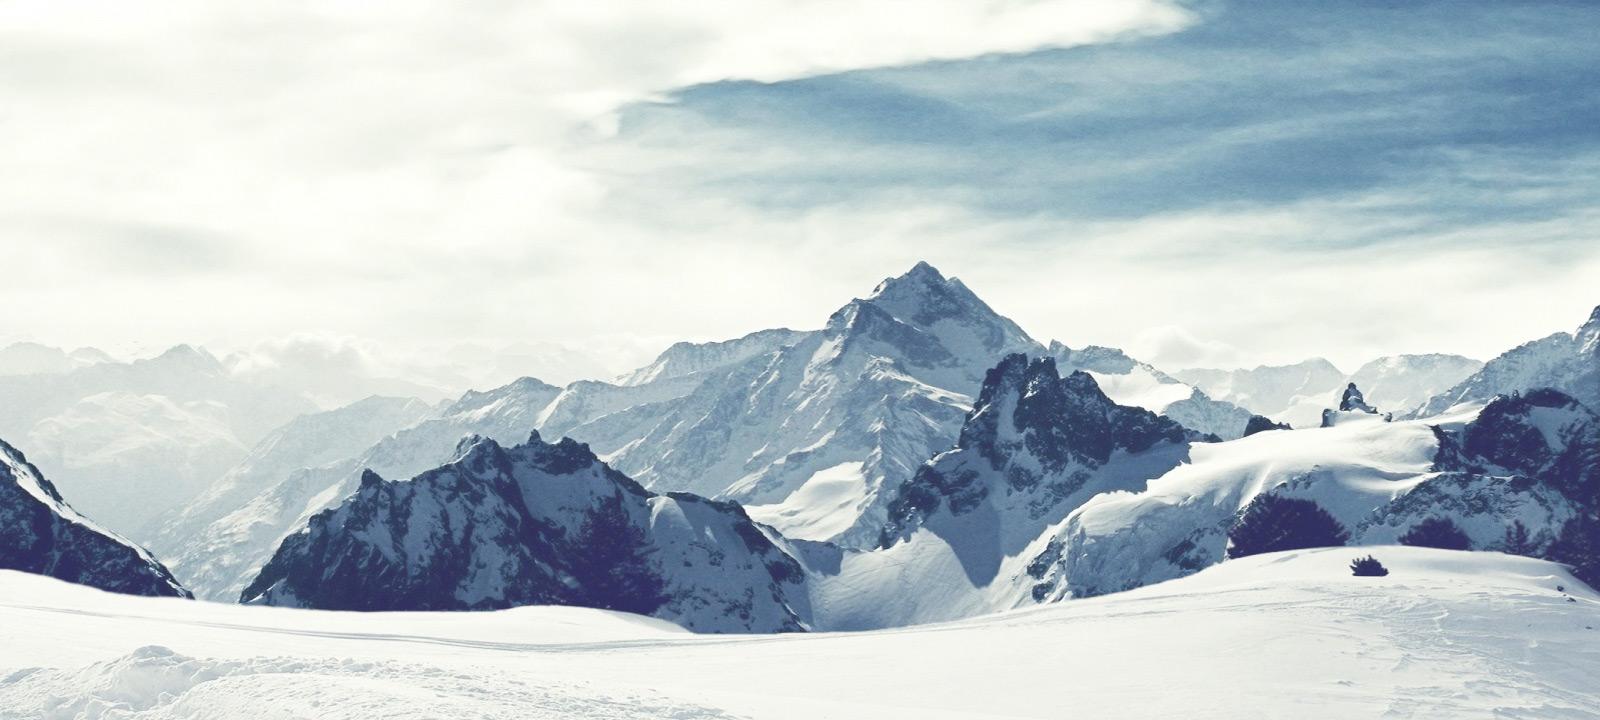 U.S. Ski and Snowboard Event